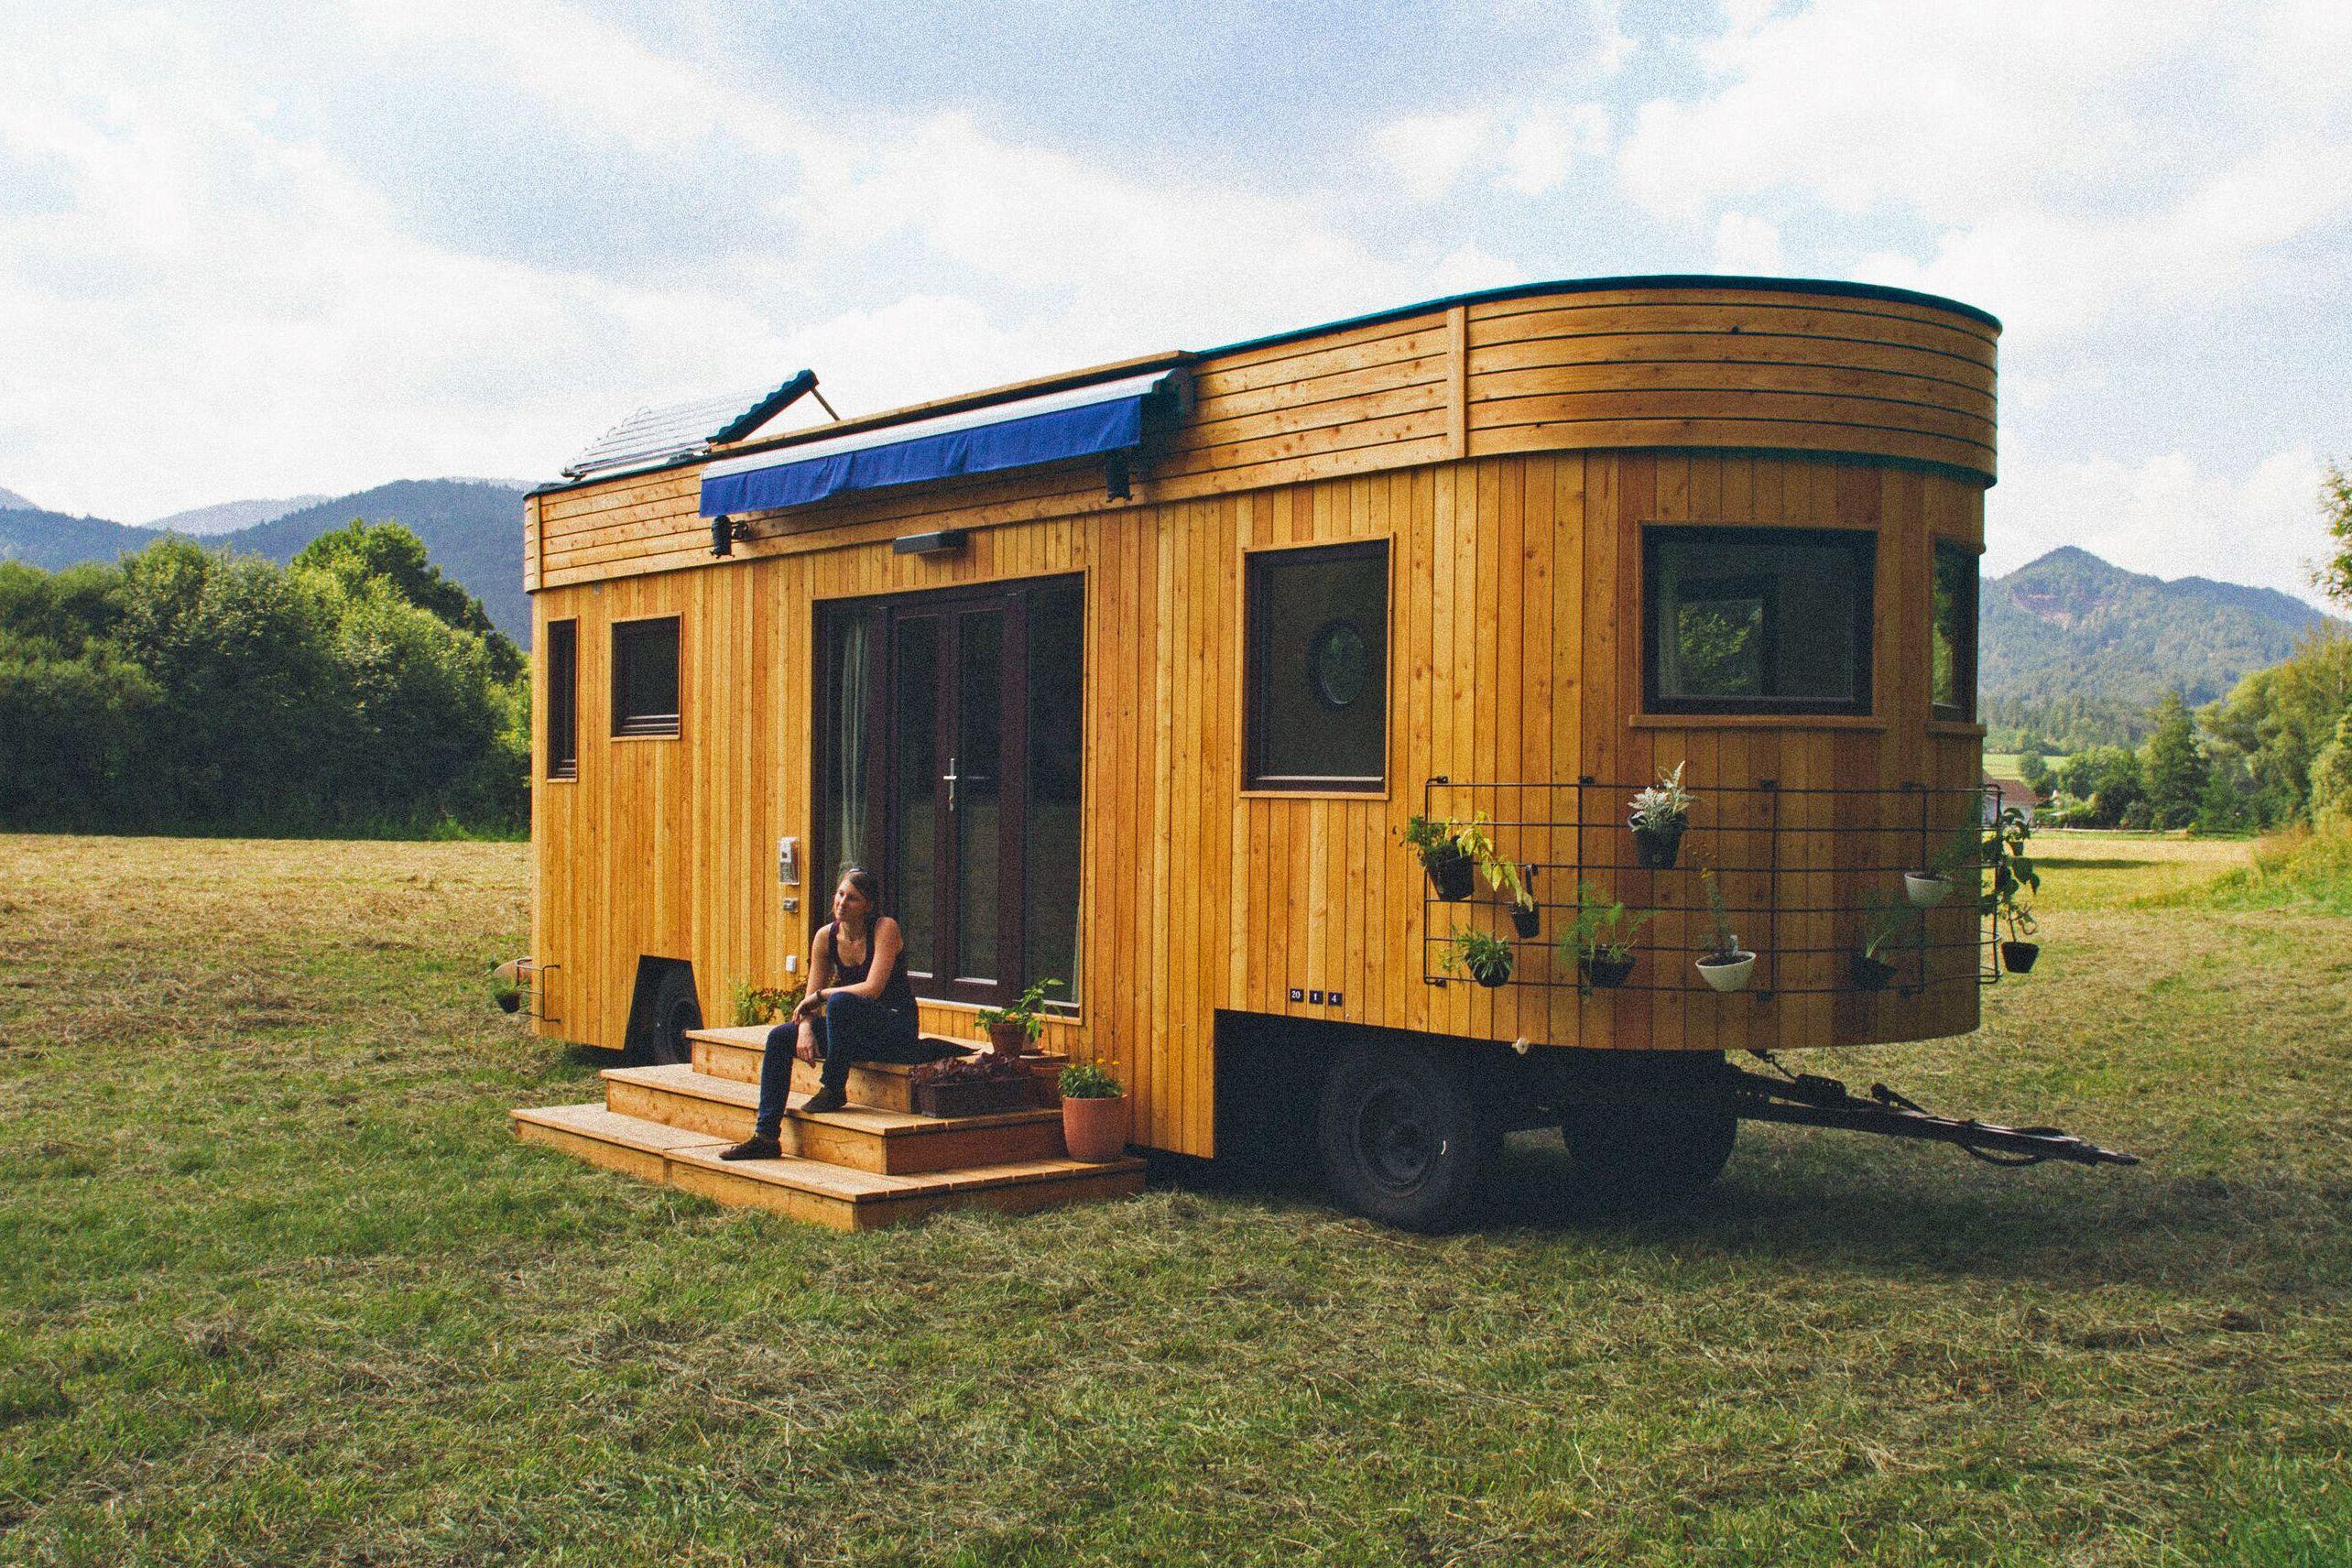 Wohnwagen exterior